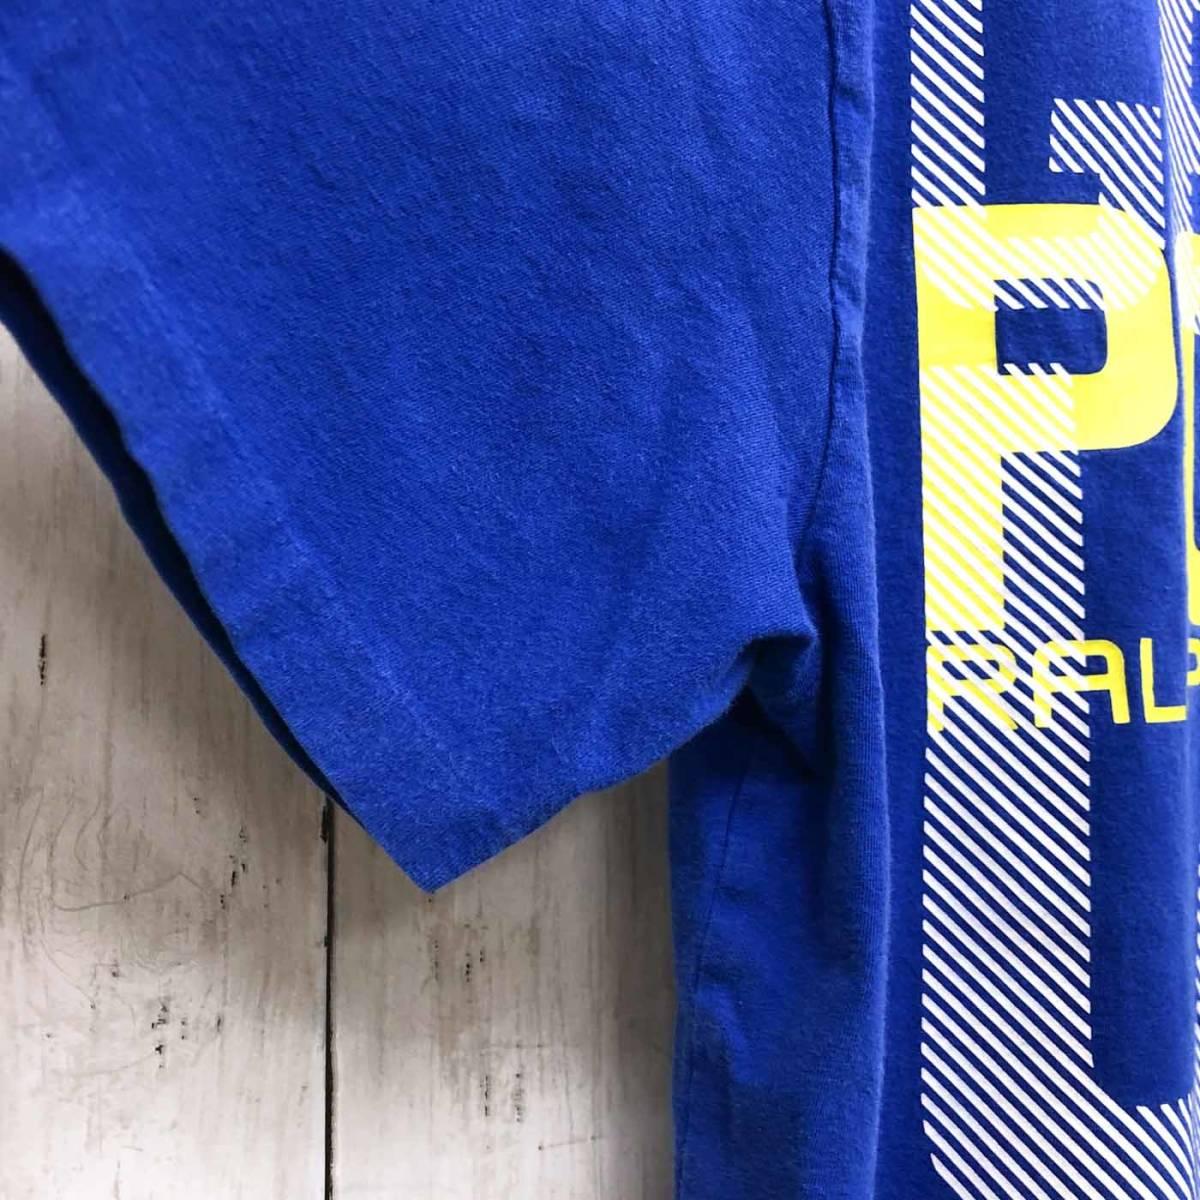 ラルフローレン POLO Ralph Lauren Polo 半袖Tシャツ メンズ ワンポイント XLサイズ 9-87_画像6